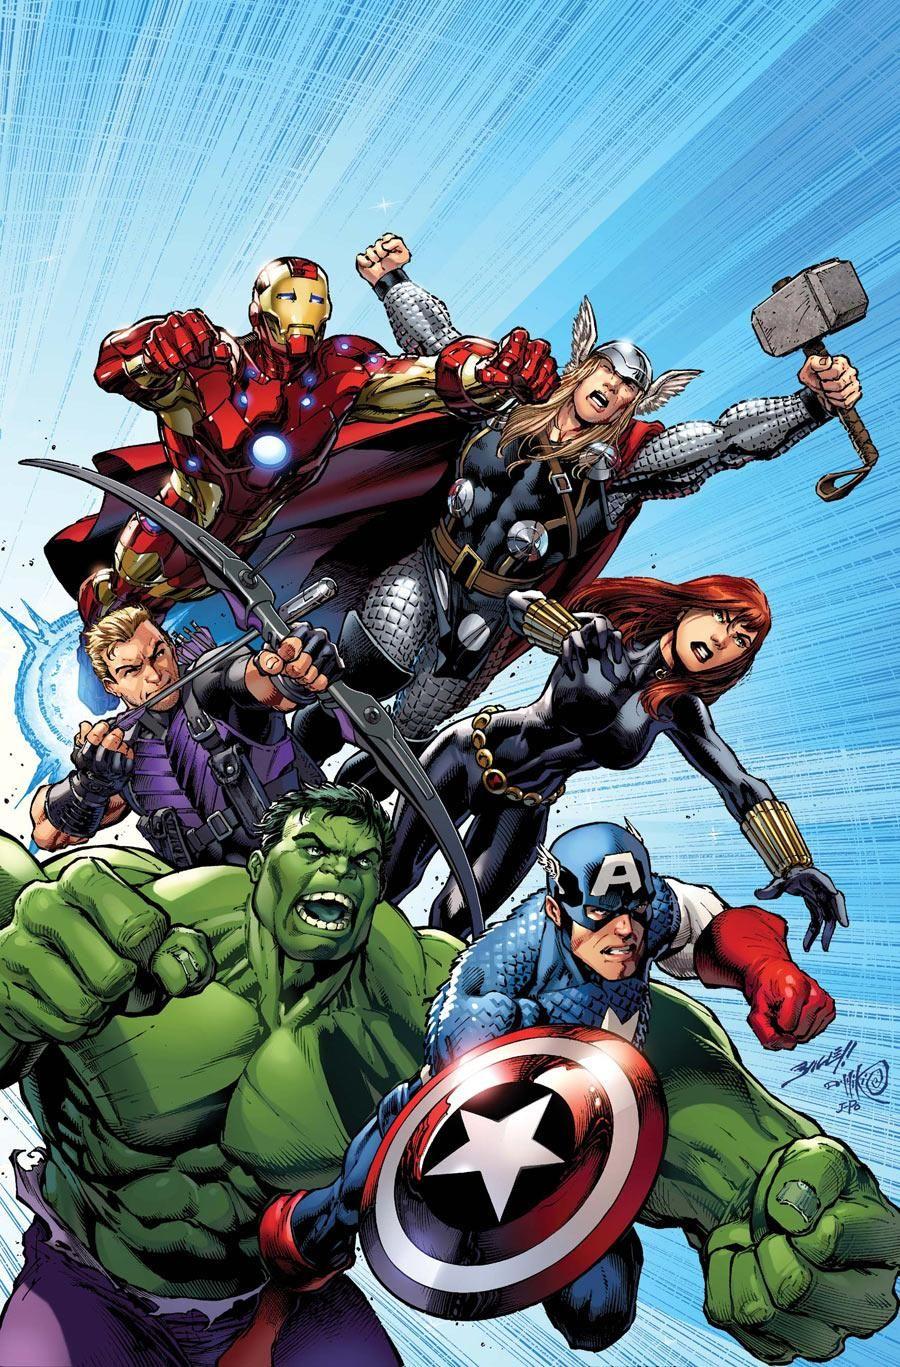 Earth's mightiest heroes